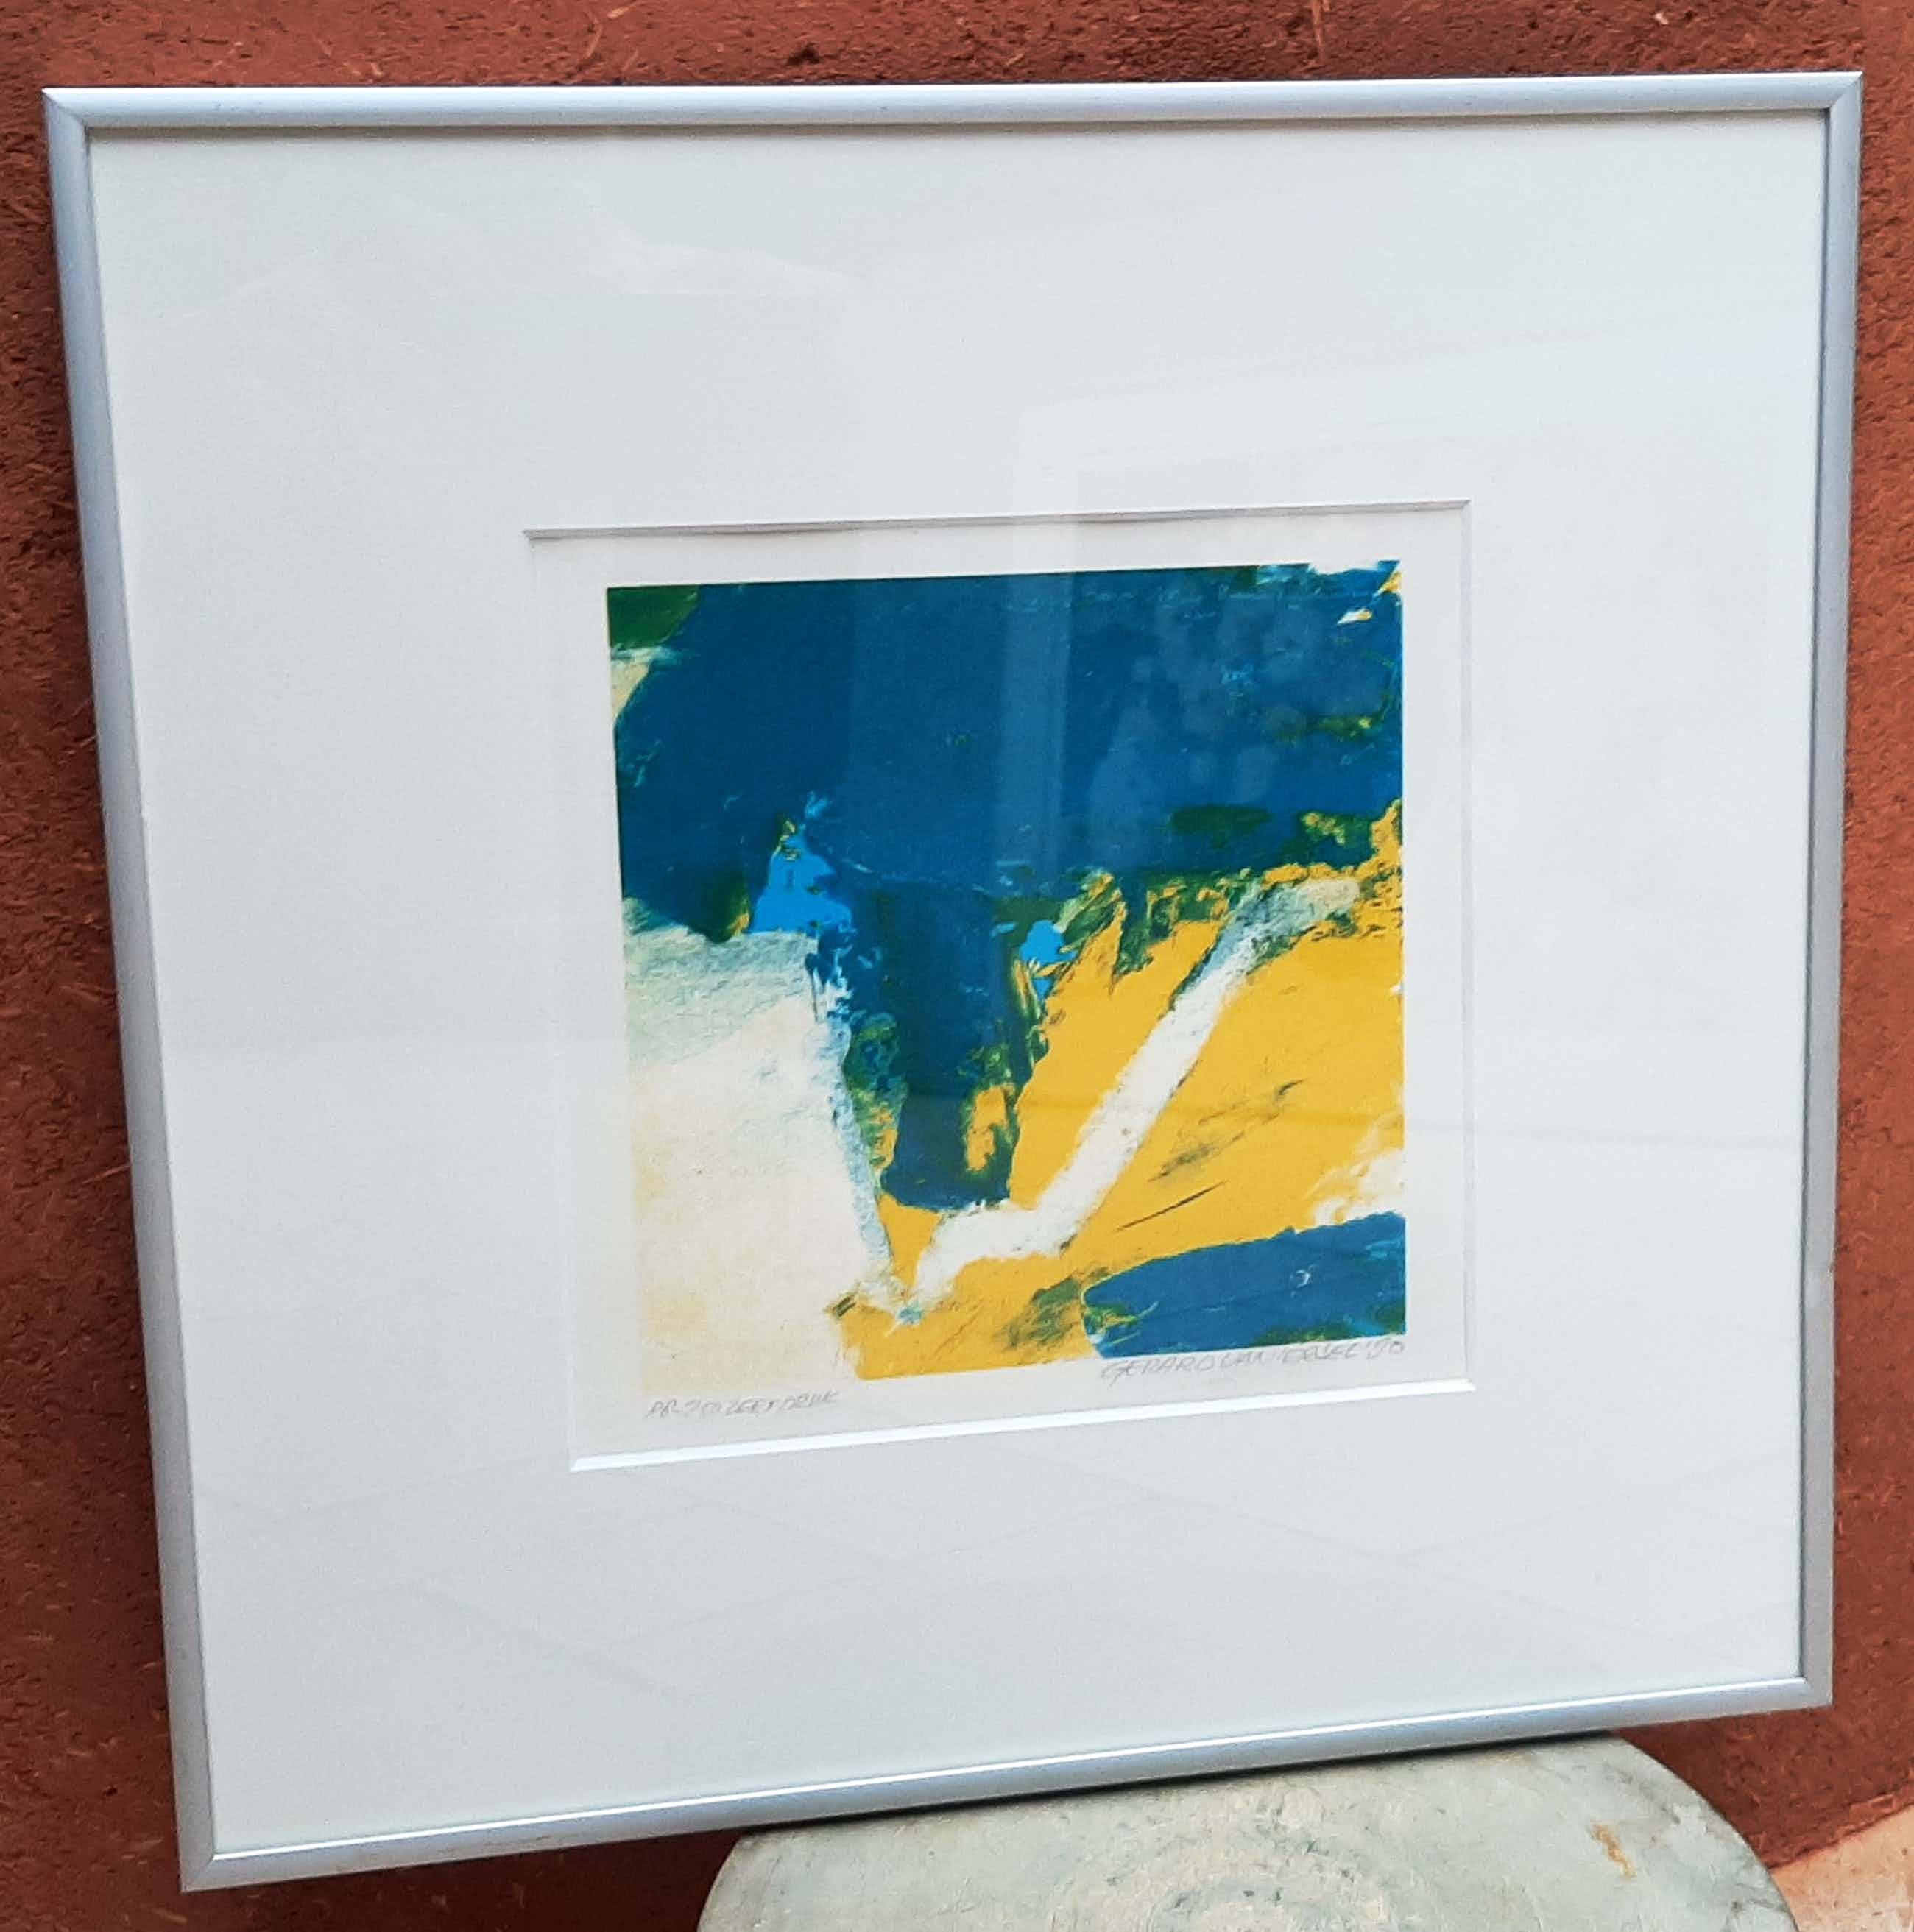 Gerard van Iersel - Zeefdruk: 'Abstract' kopen? Bied vanaf 15!